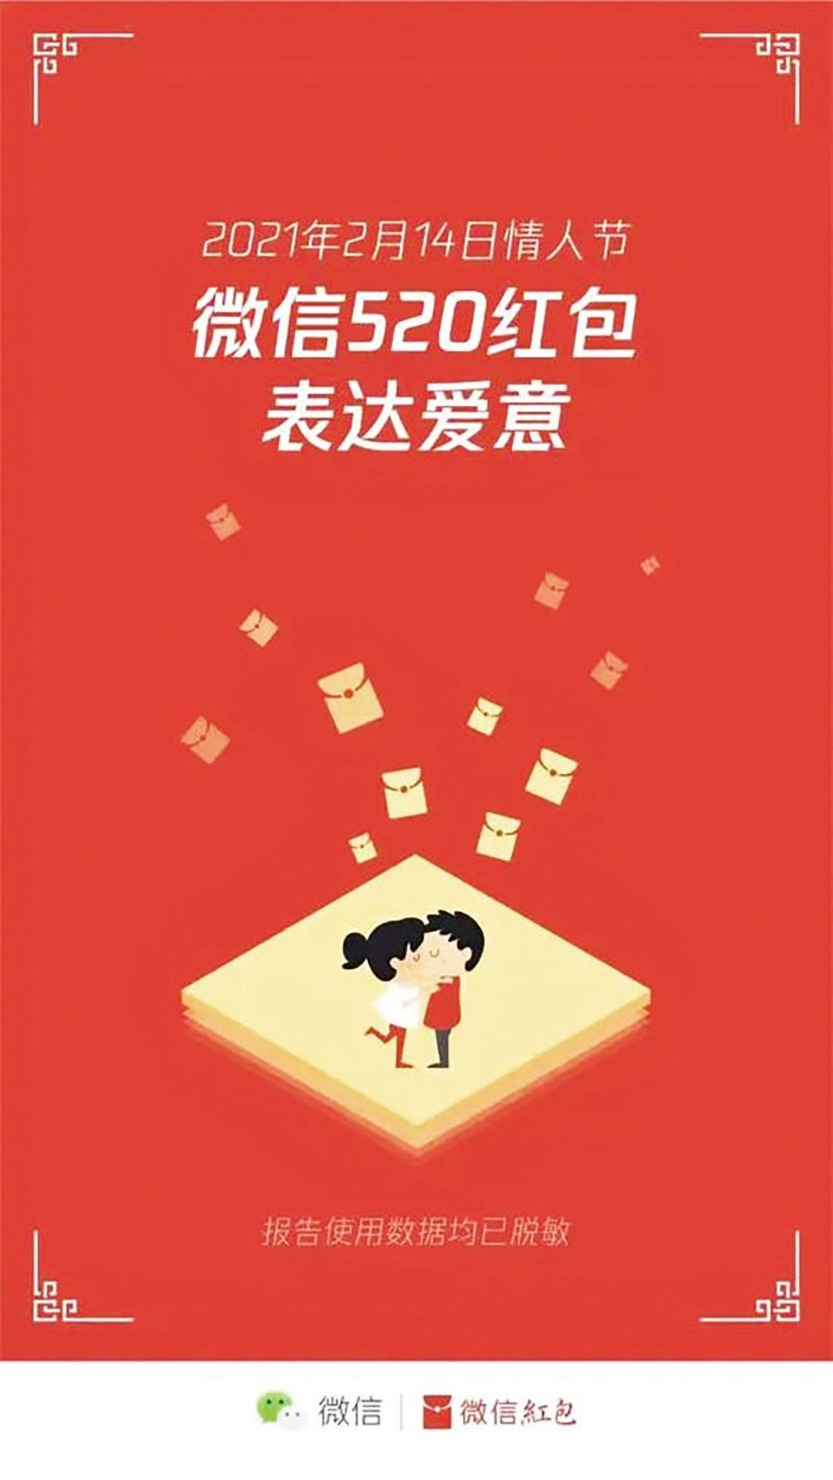 當代中國-中國新聞-520紅包